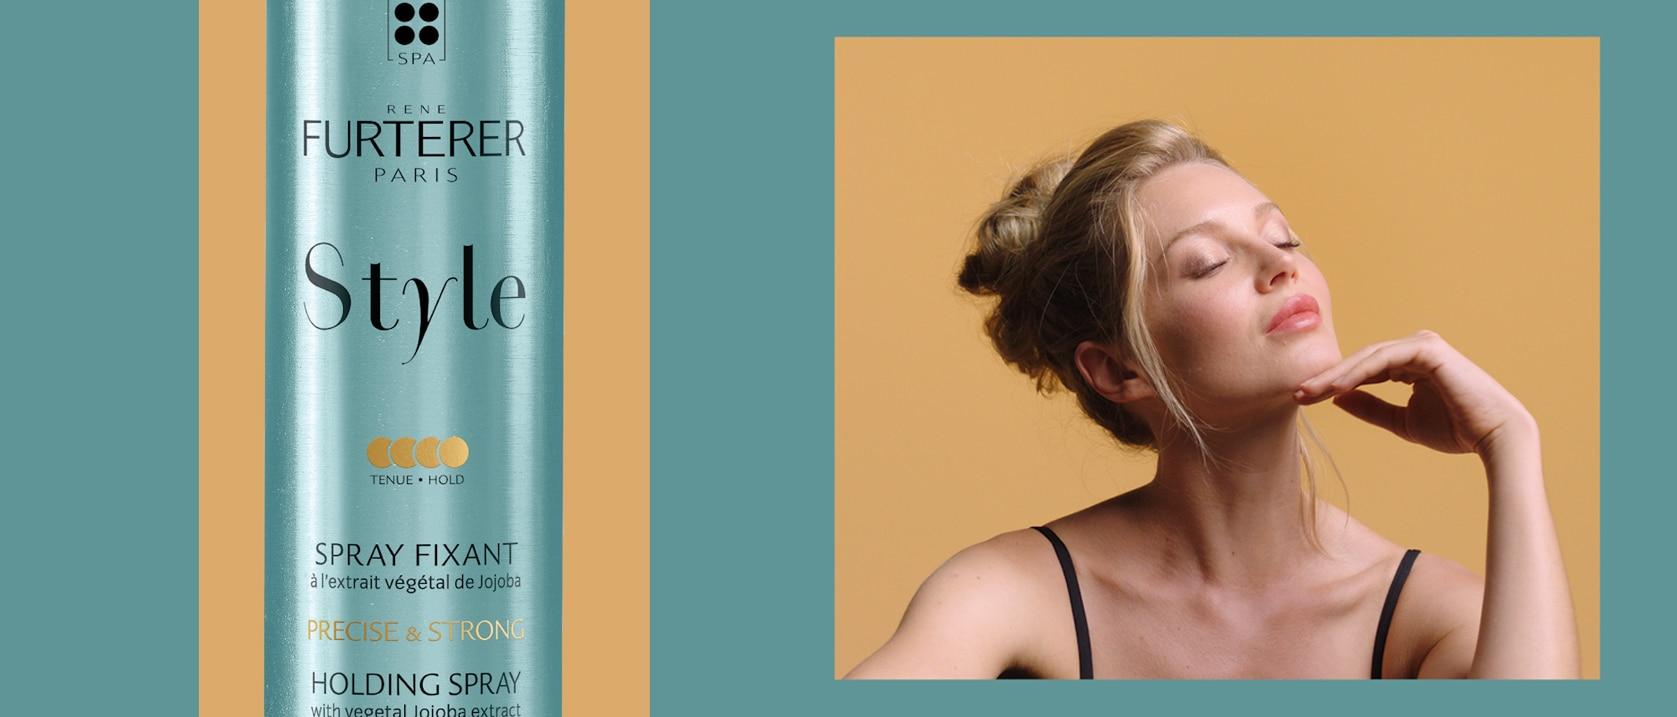 STYLE - spray fixant | René Furterer